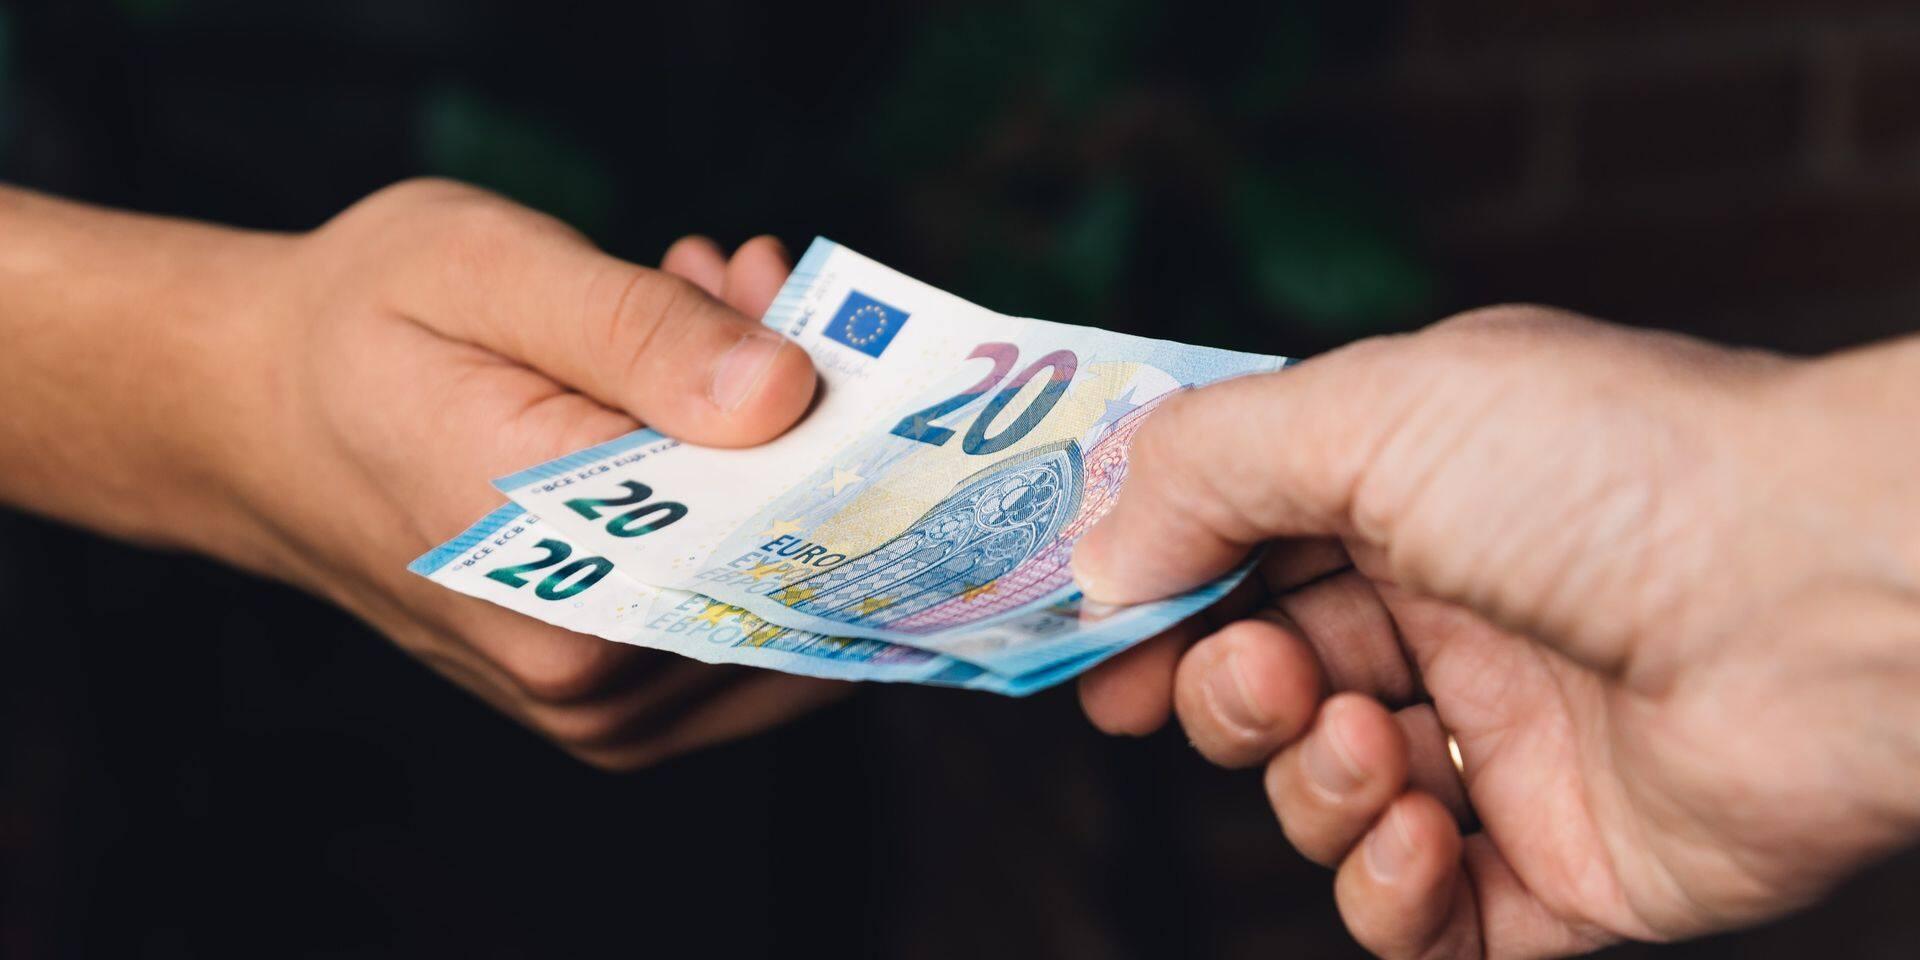 Le paiement en espèces largement délaissé par les Belges